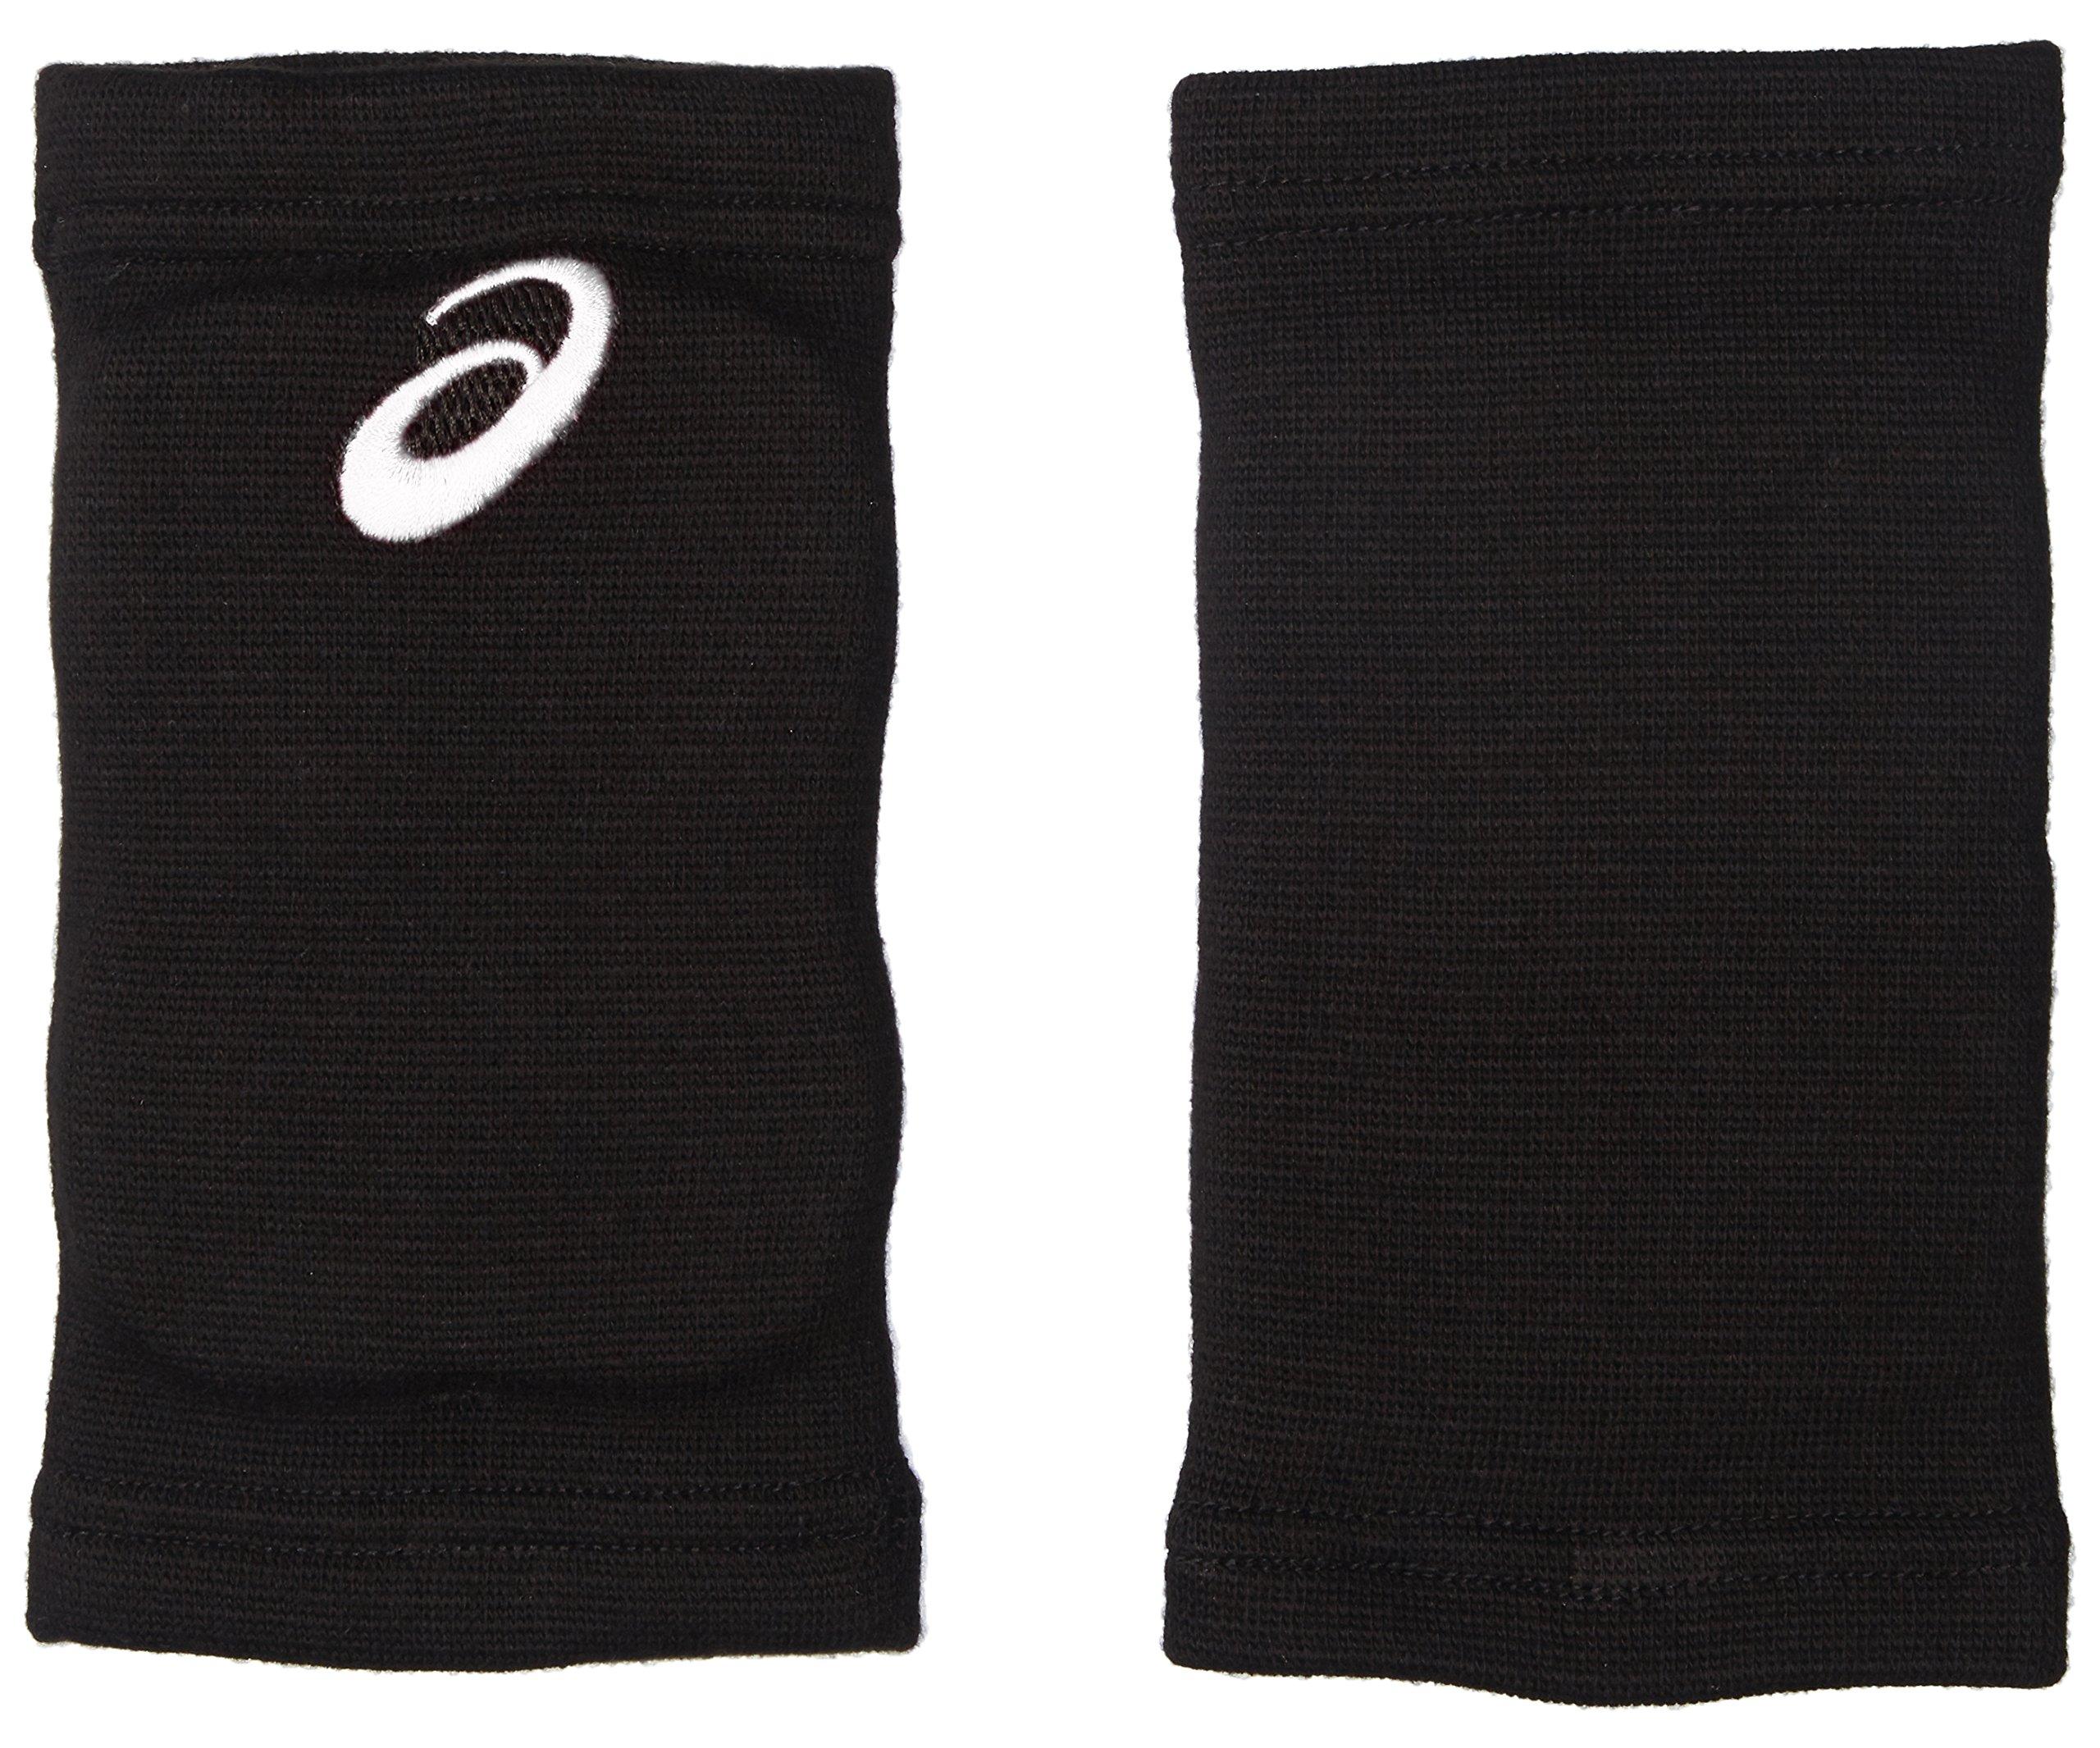 アシックス バレーボールサポーター ひじサポーター 2個入 XWP079 ボーイズ ブラック/ホワイト 日本 OS Free サイズ